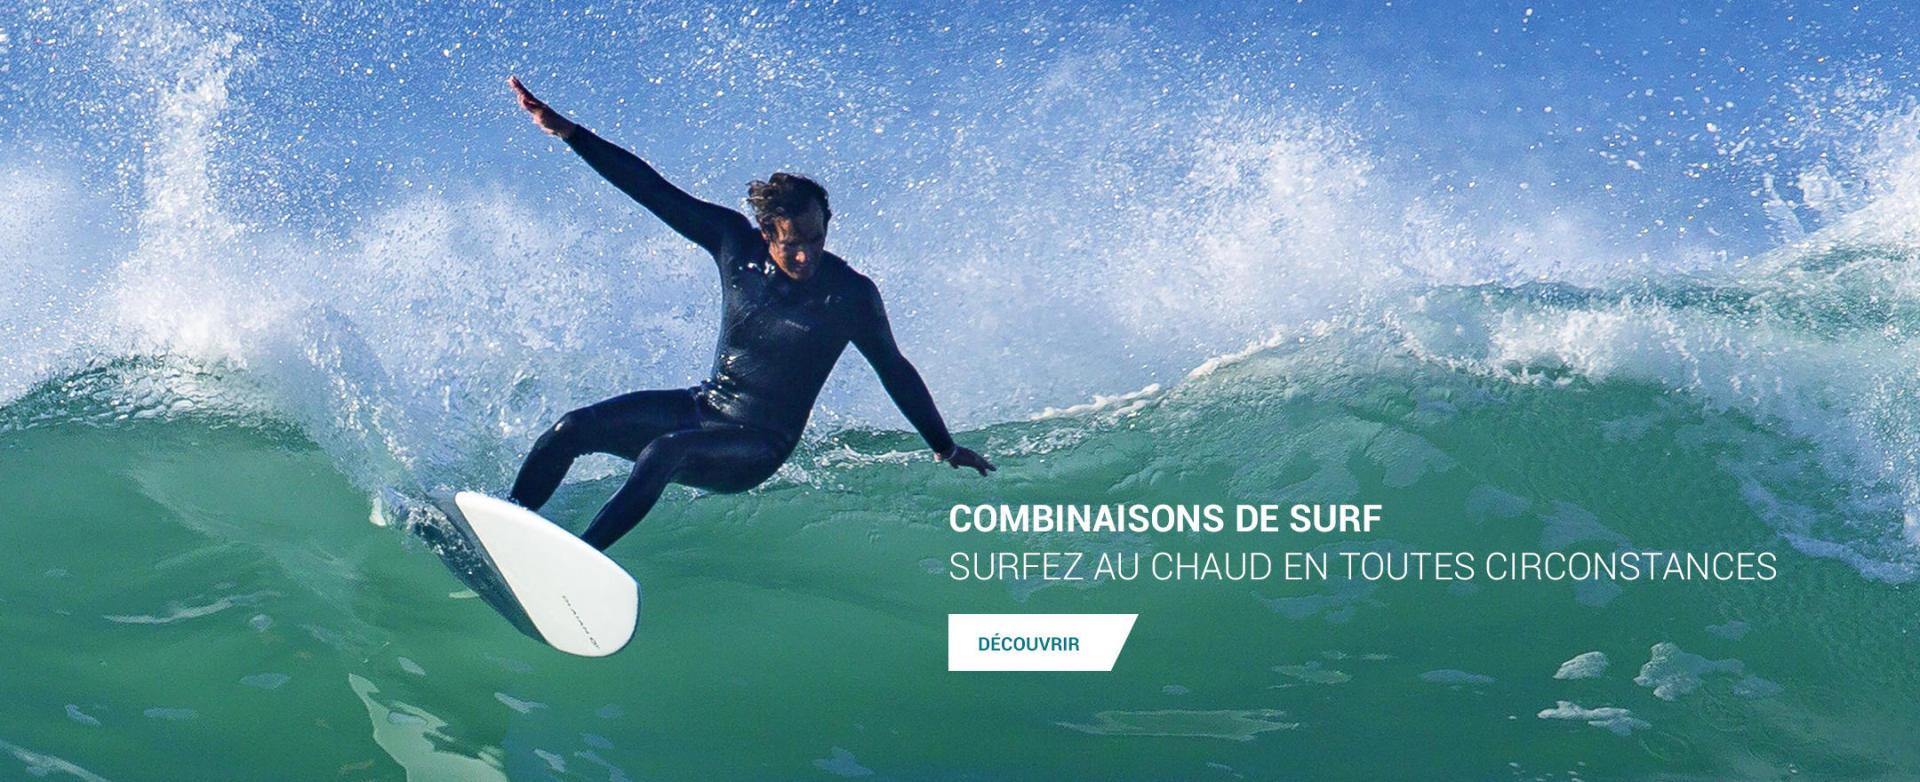 Combinaisons Surf 2019